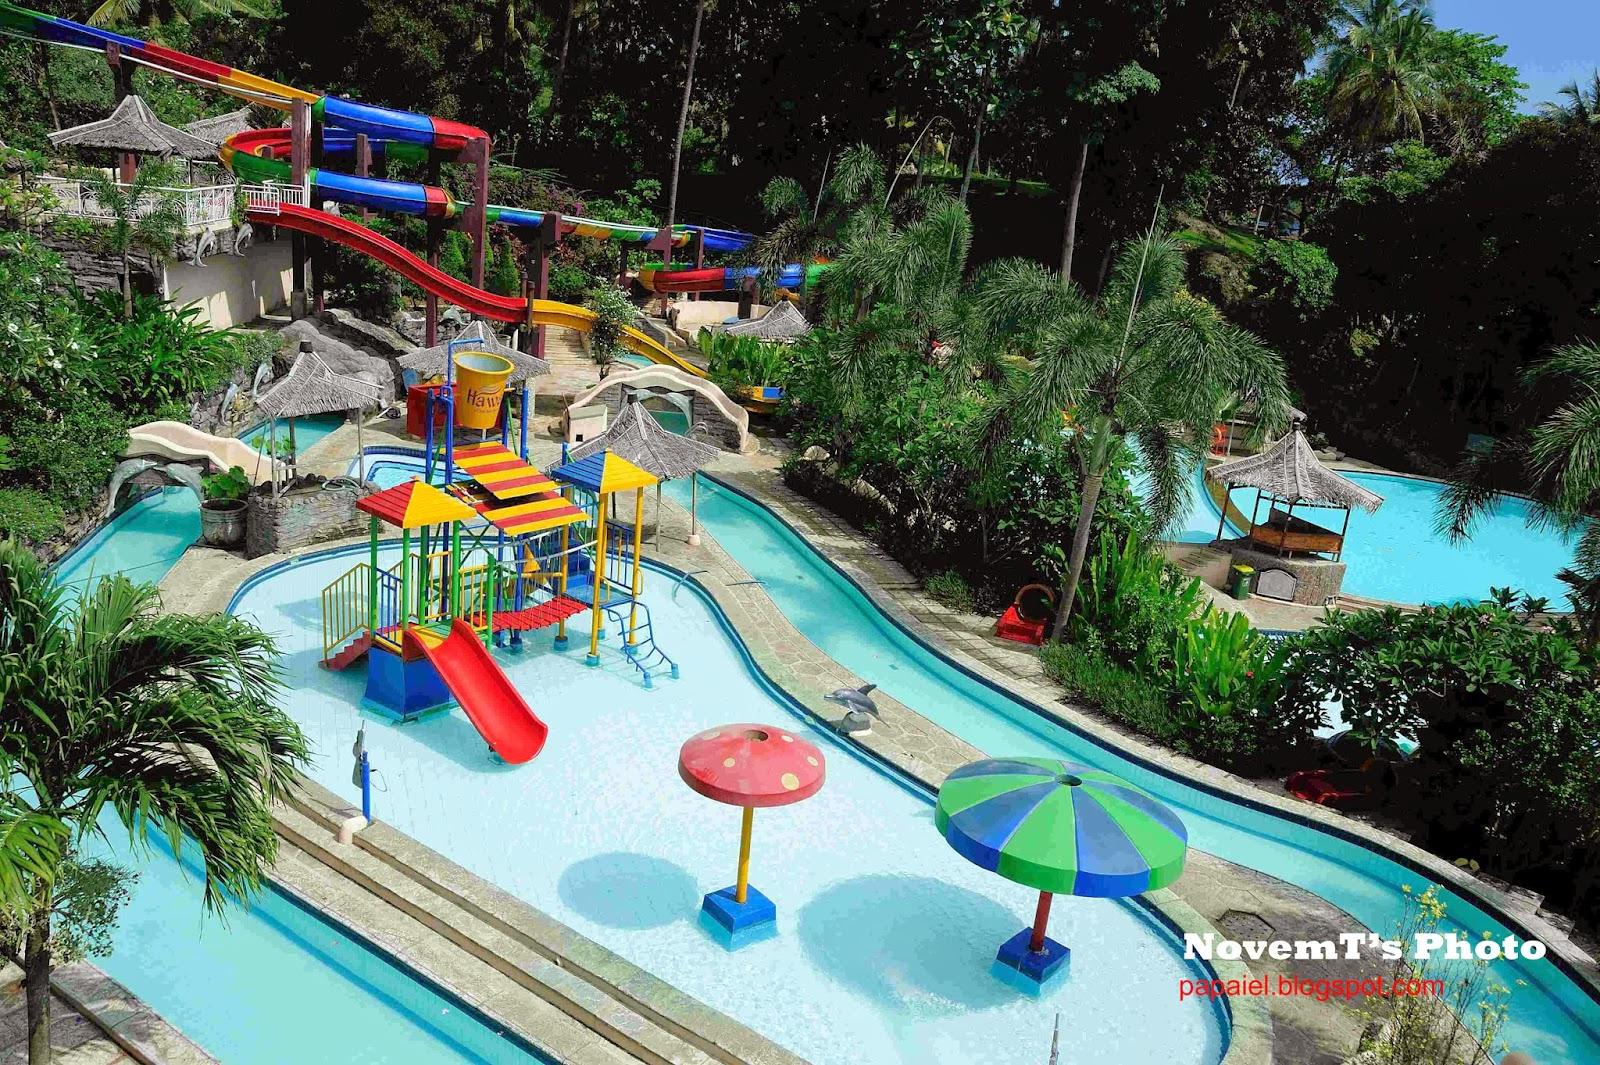 Liburan Ke Anyer Di Hotel Club Bali Hawaii Papaiel